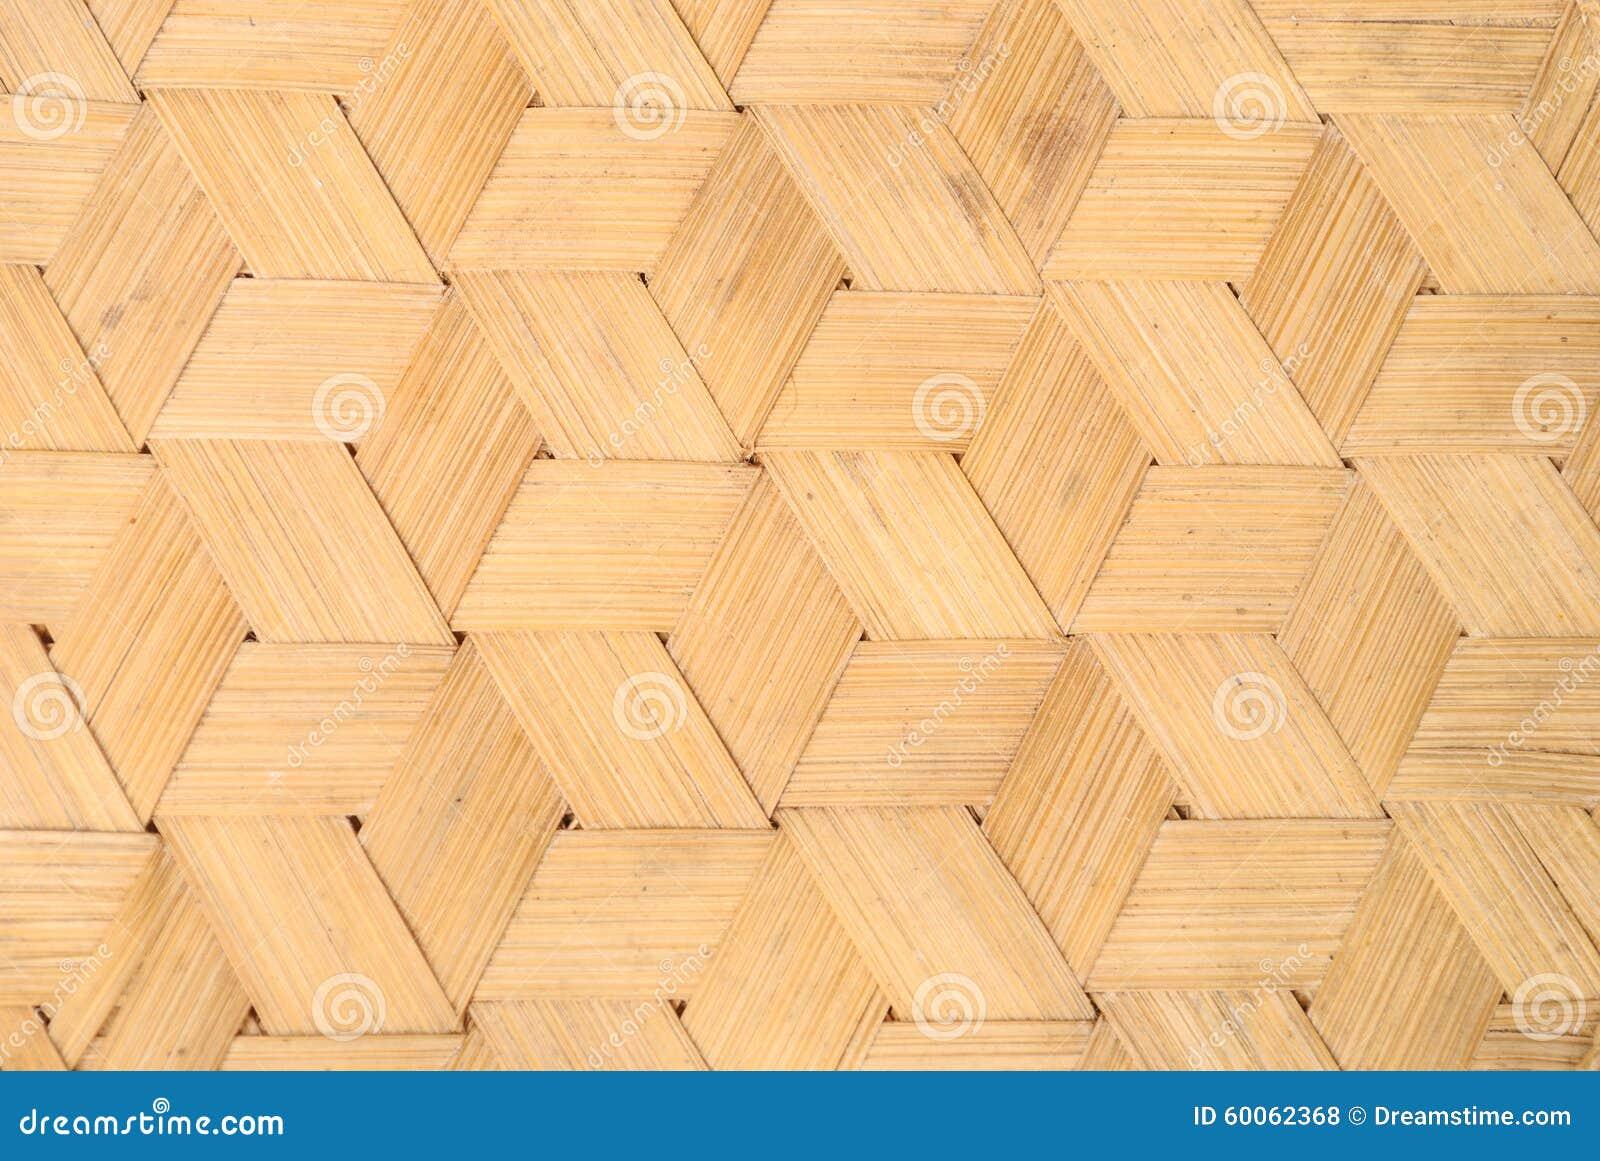 Tekstura kratib